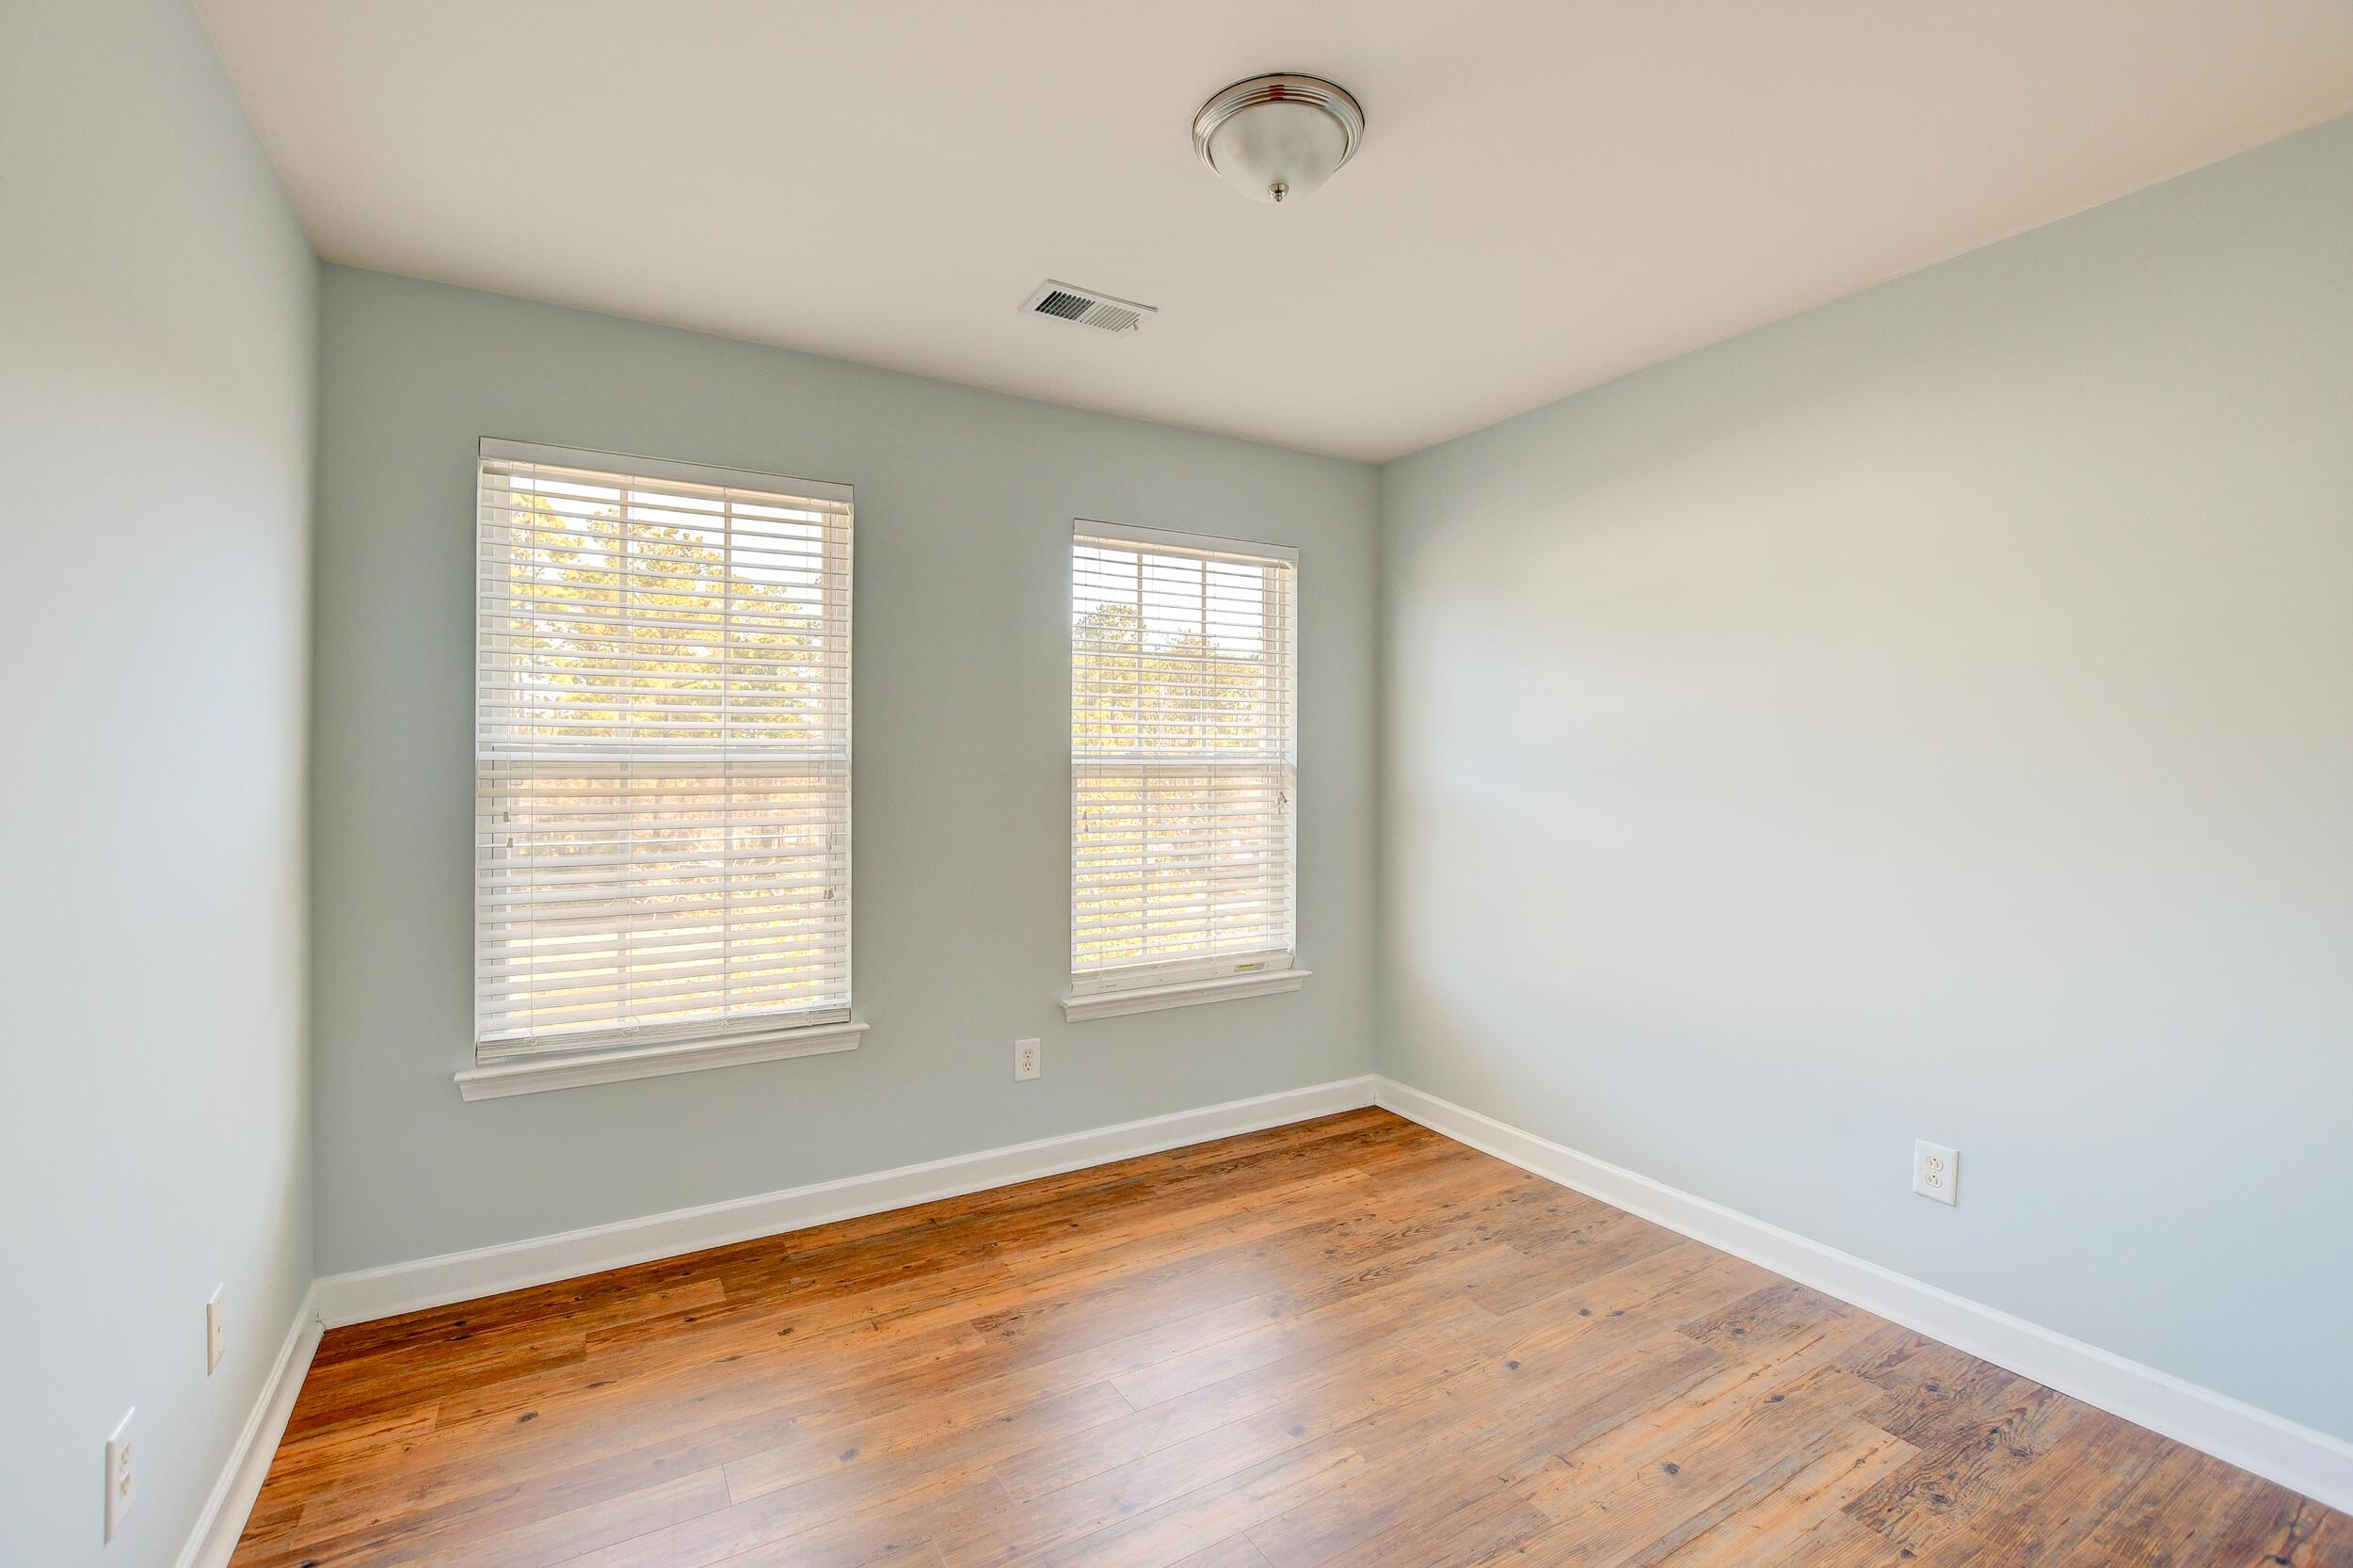 Park West Homes For Sale - 3545 Claremont, Mount Pleasant, SC - 23